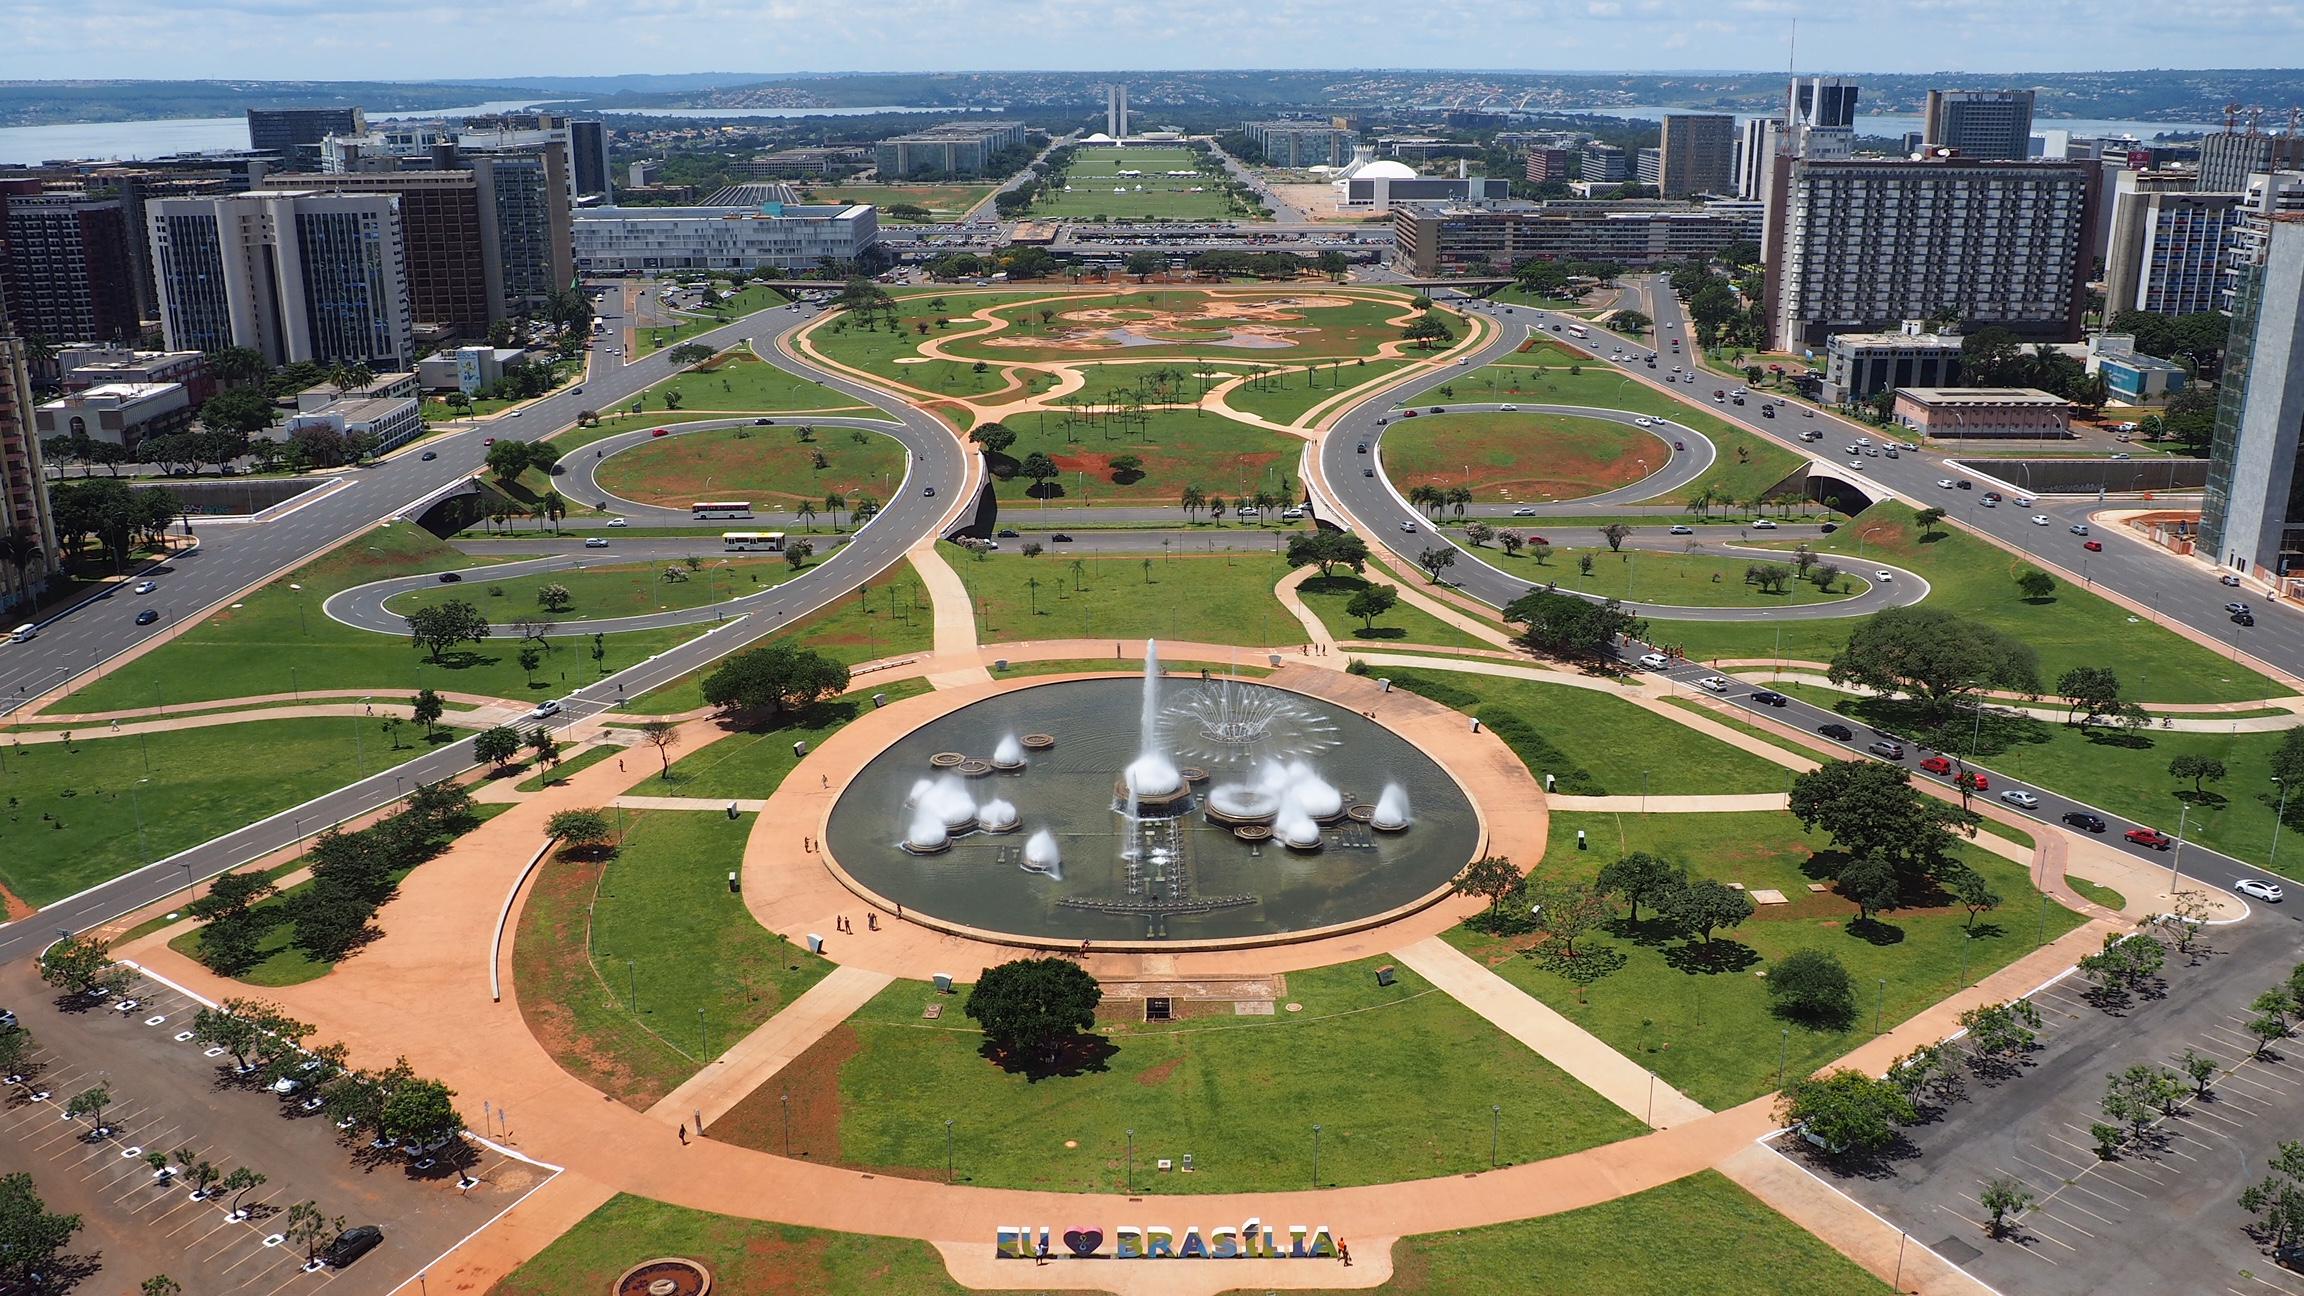 Qué ver en Brasilia; la vista panorámica del Eje Monumental de Brasilia